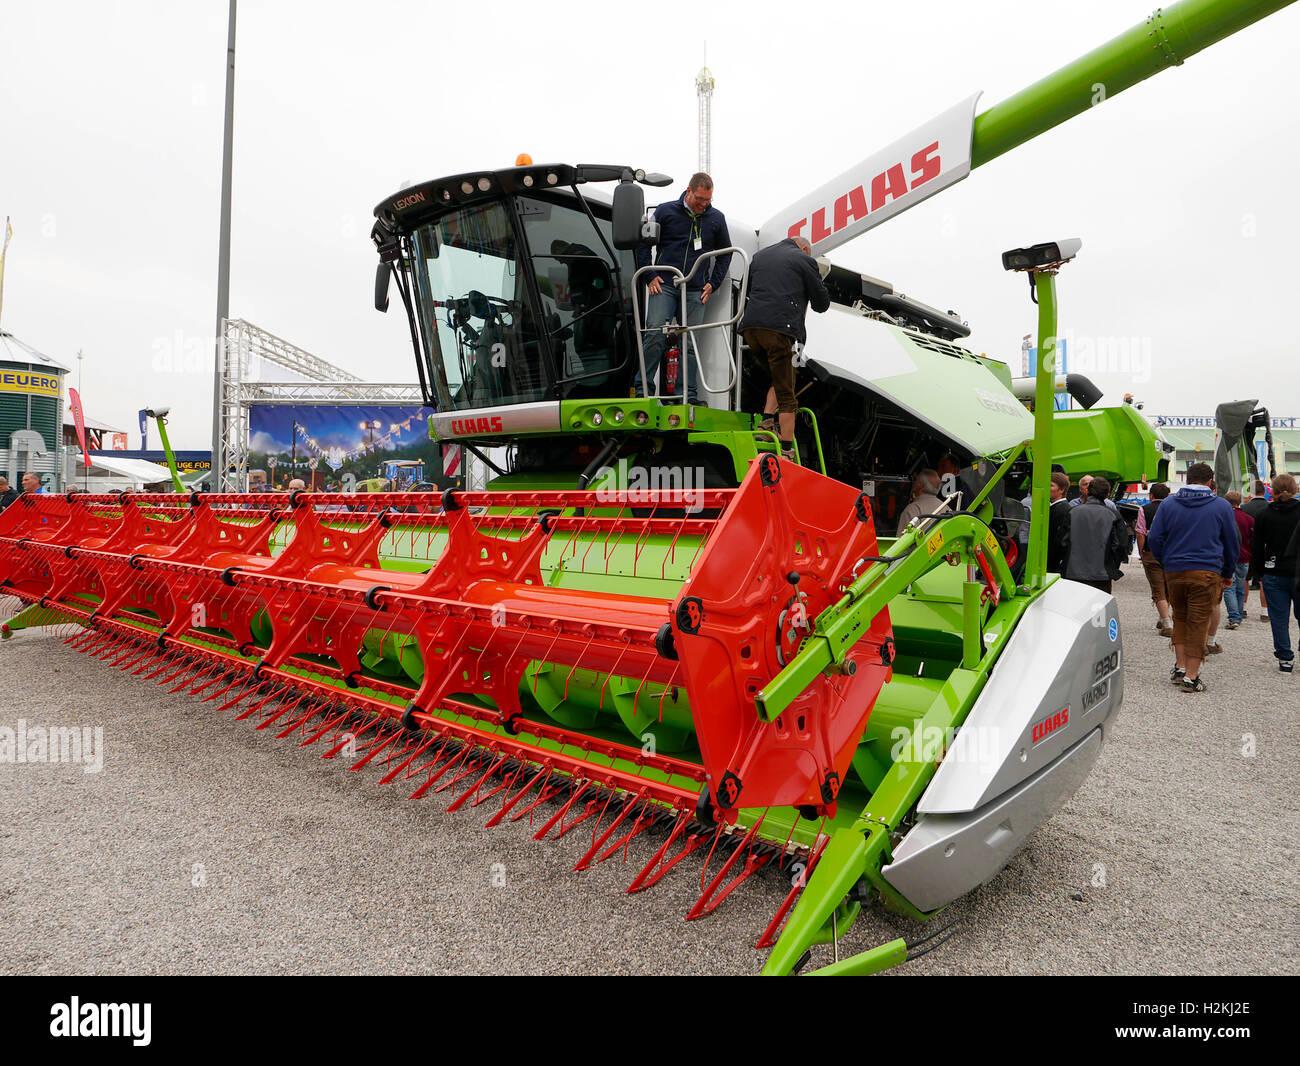 Salon de l'agriculture de Bavière Munich Allemagne Europe 2016 Banque D'Images